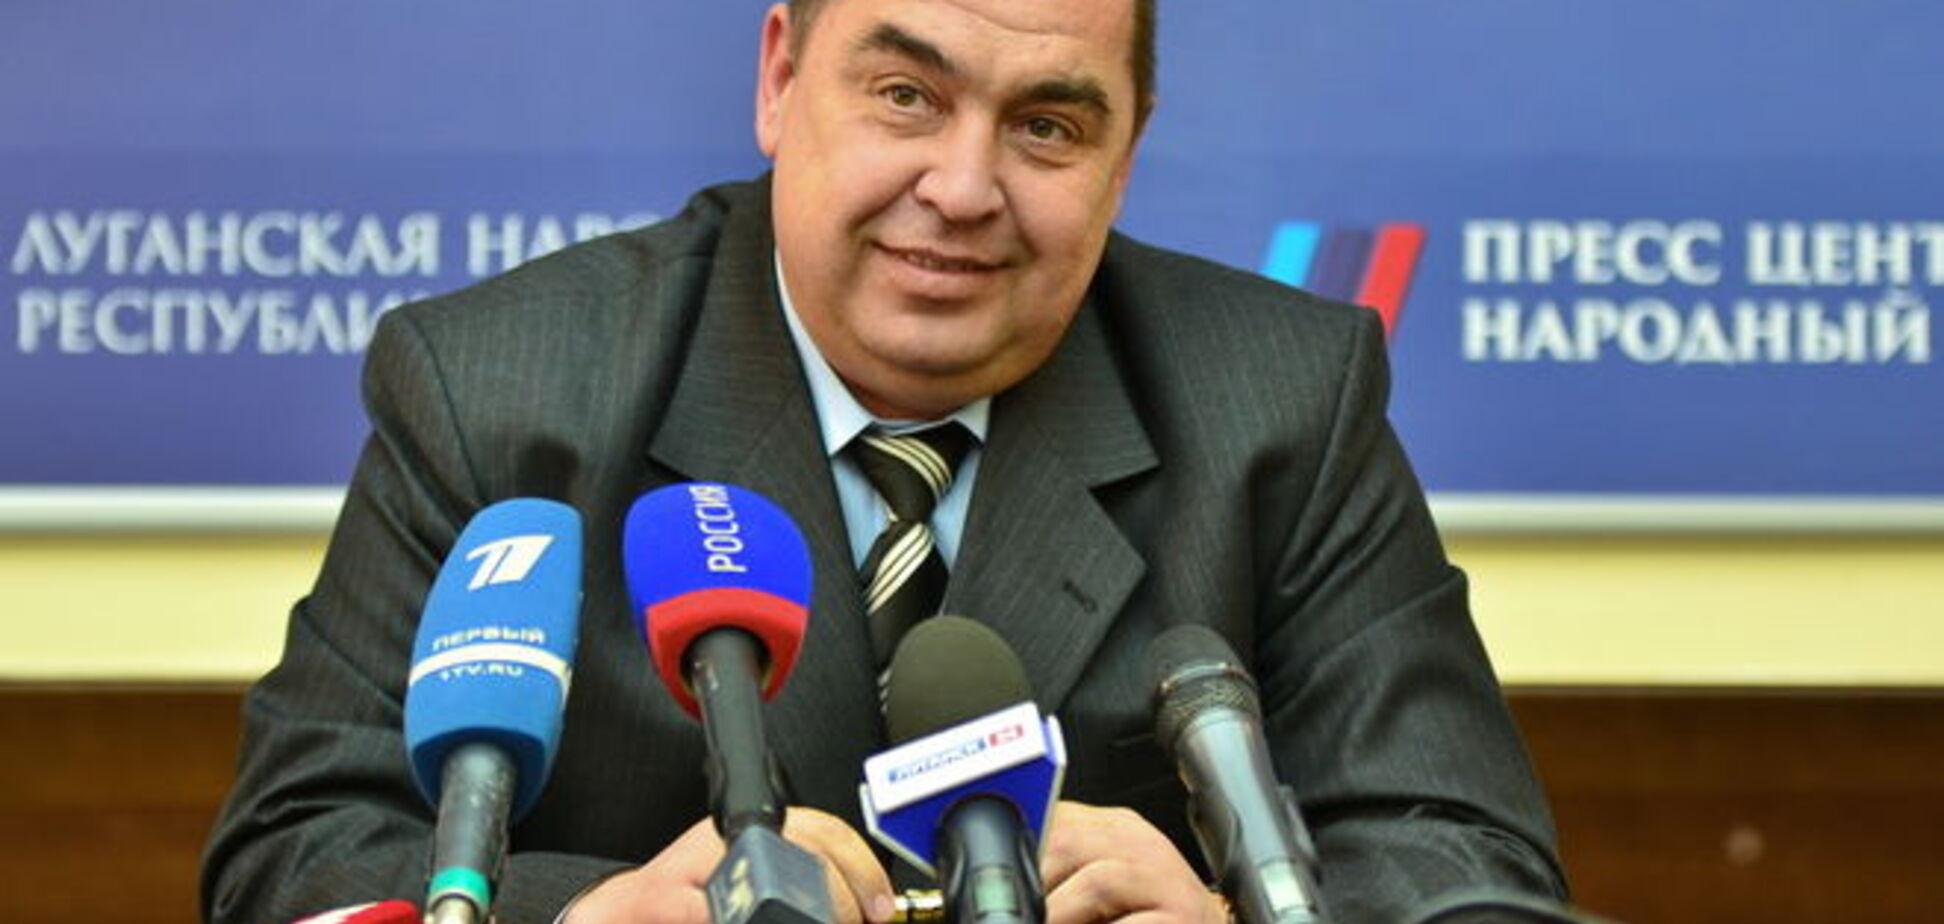 Плотницький готується втекти до Росії від 'гніву обдурених луганчан'